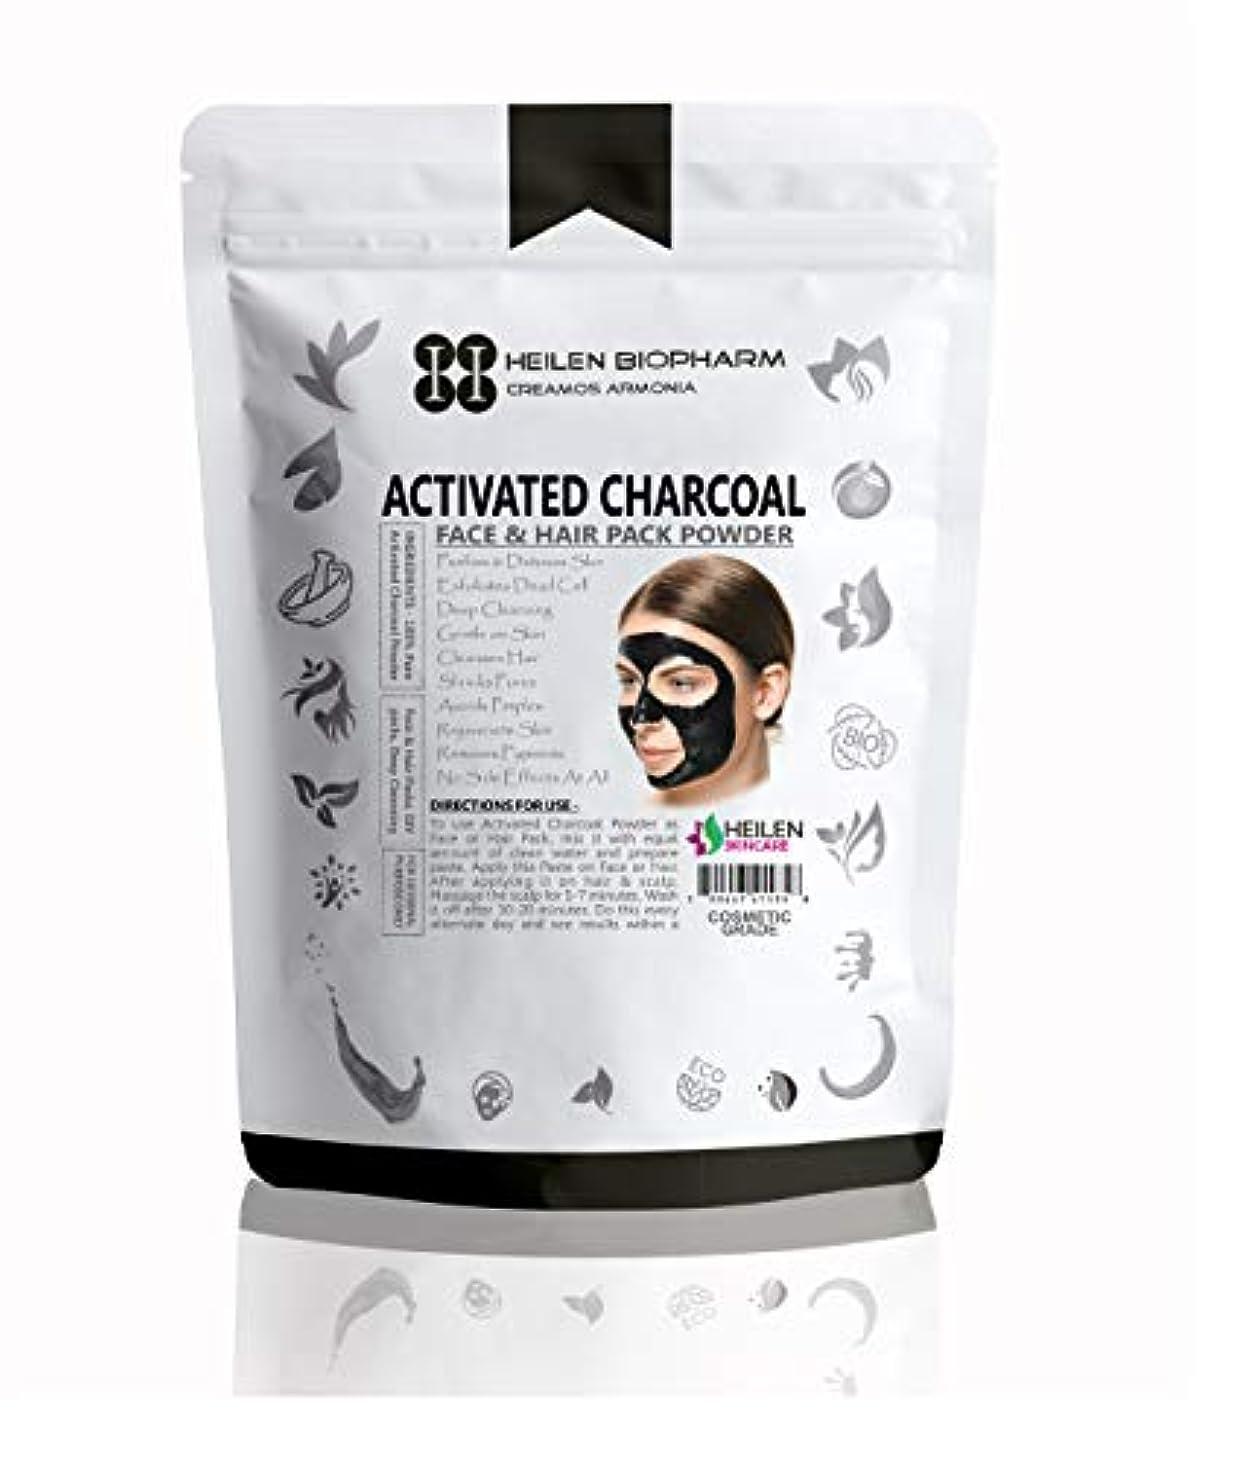 七面鳥アスペクト背骨活性化チャコールパウダー(フェイスパック用)(Activated Charcoal Powder for Face Pack) (200 gm / 7 oz / 0.44 lb)